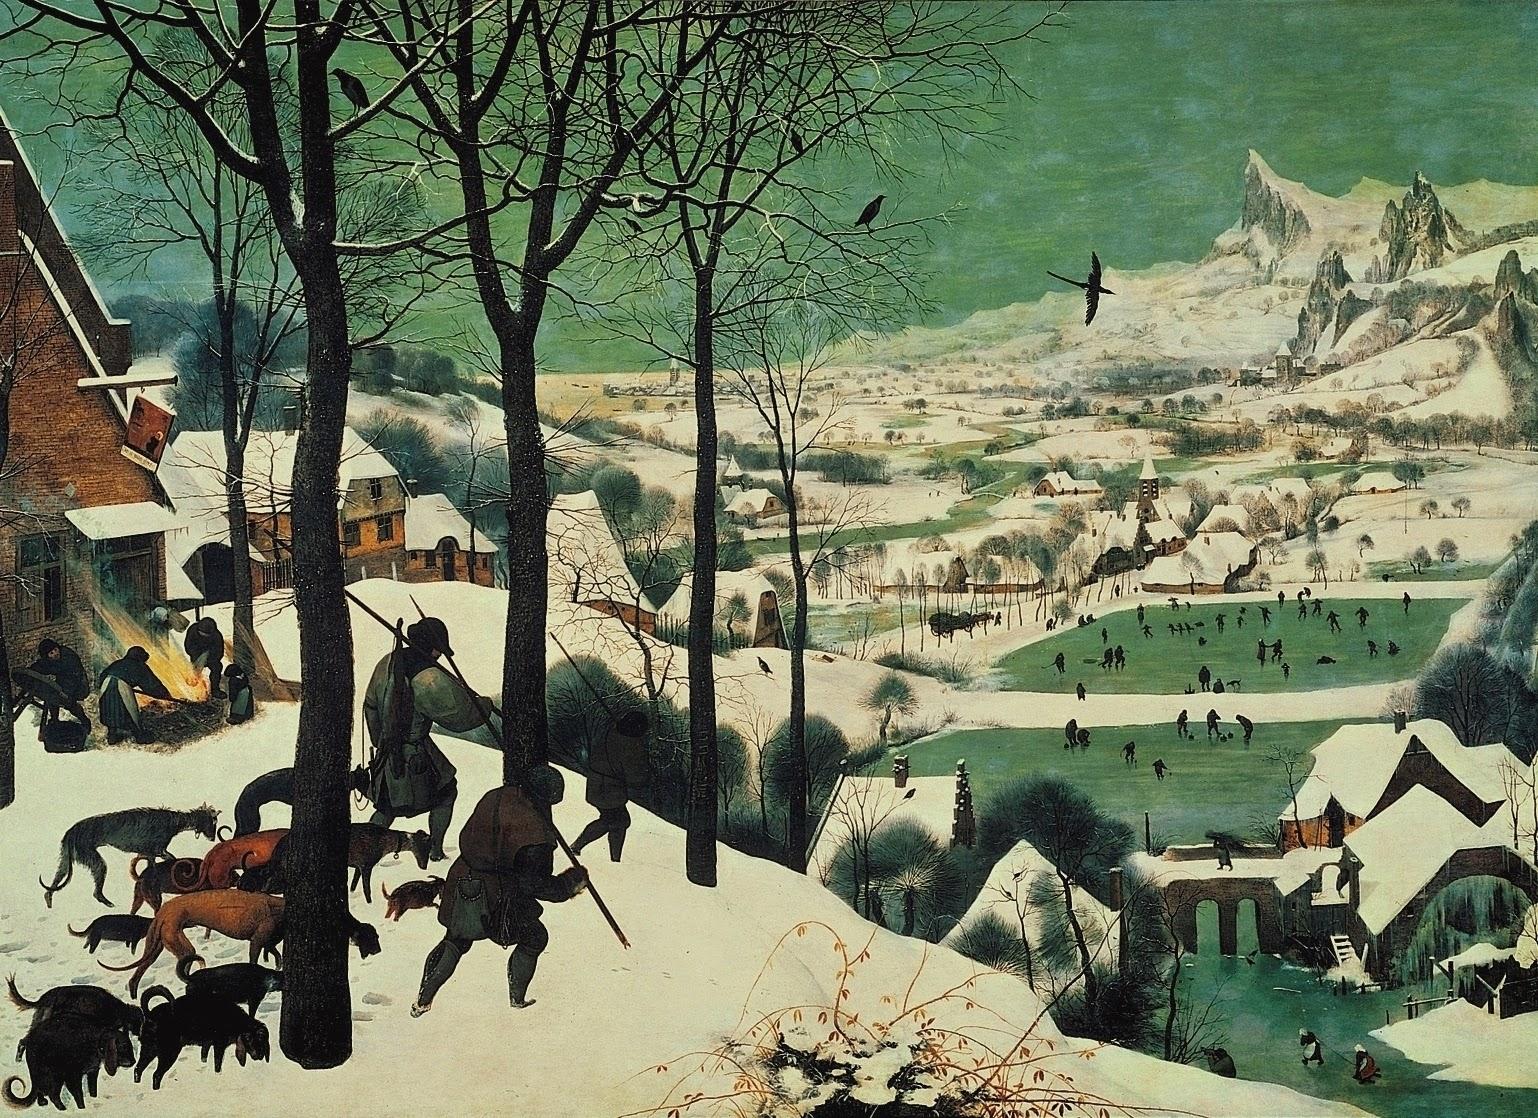 http://ca.wikipedia.org/wiki/Pieter_Brueghel_el_Vell